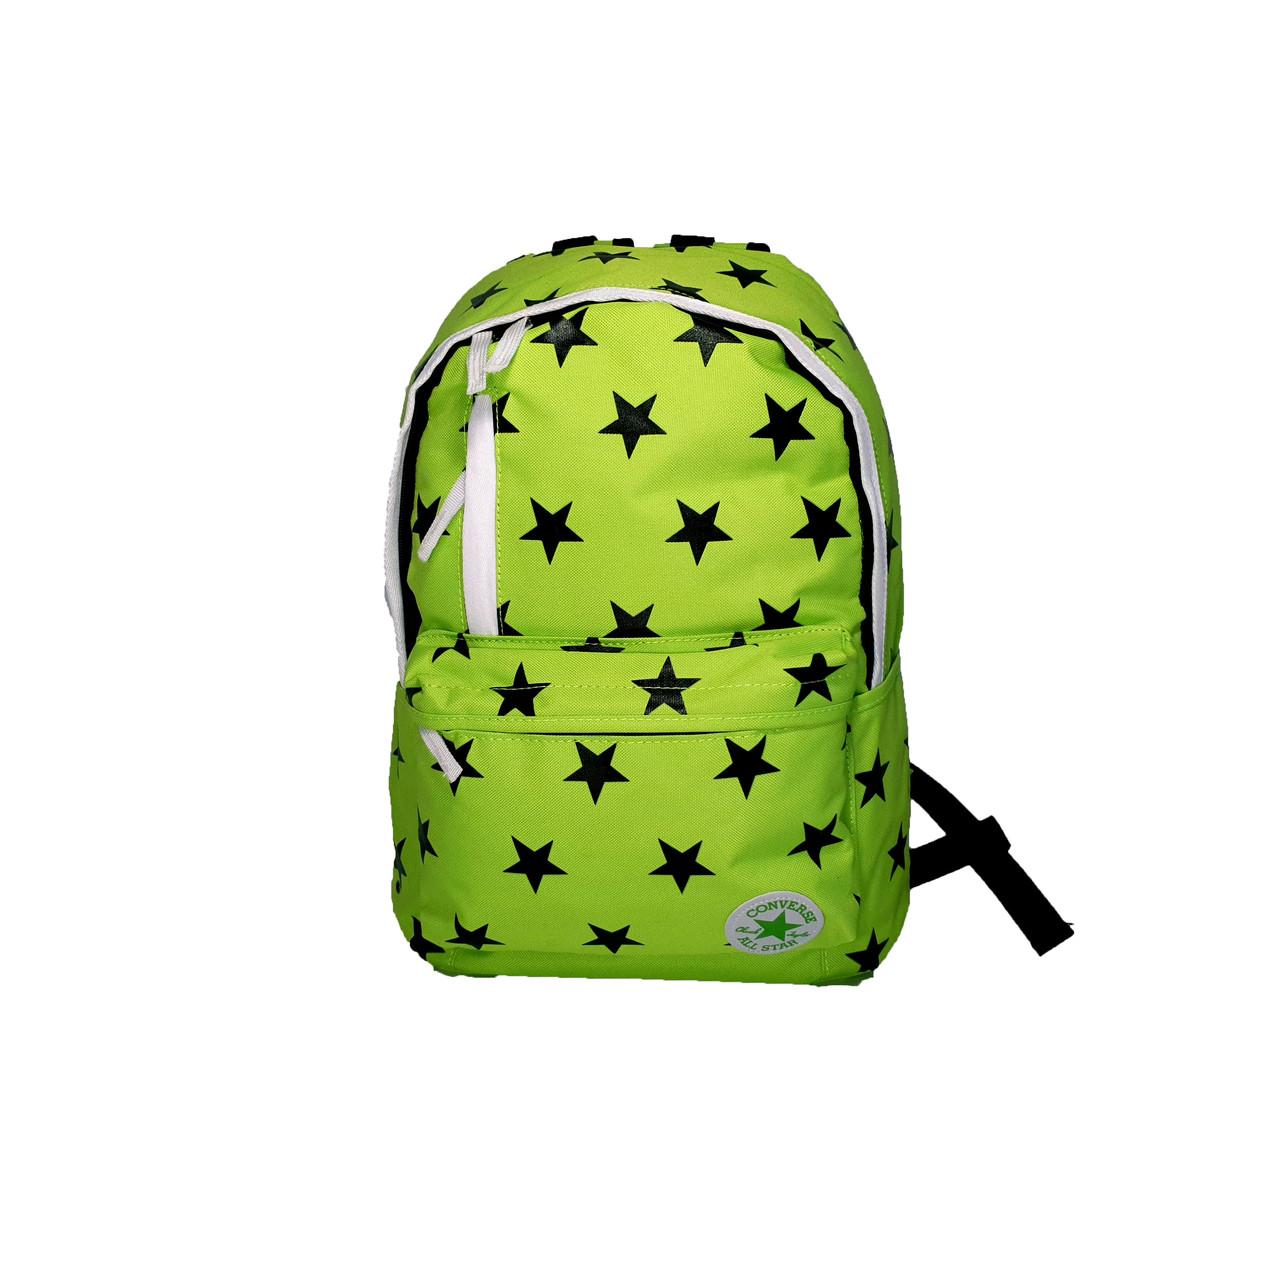 Спортивный рюкзак Converse, РАСПРОДАЖА